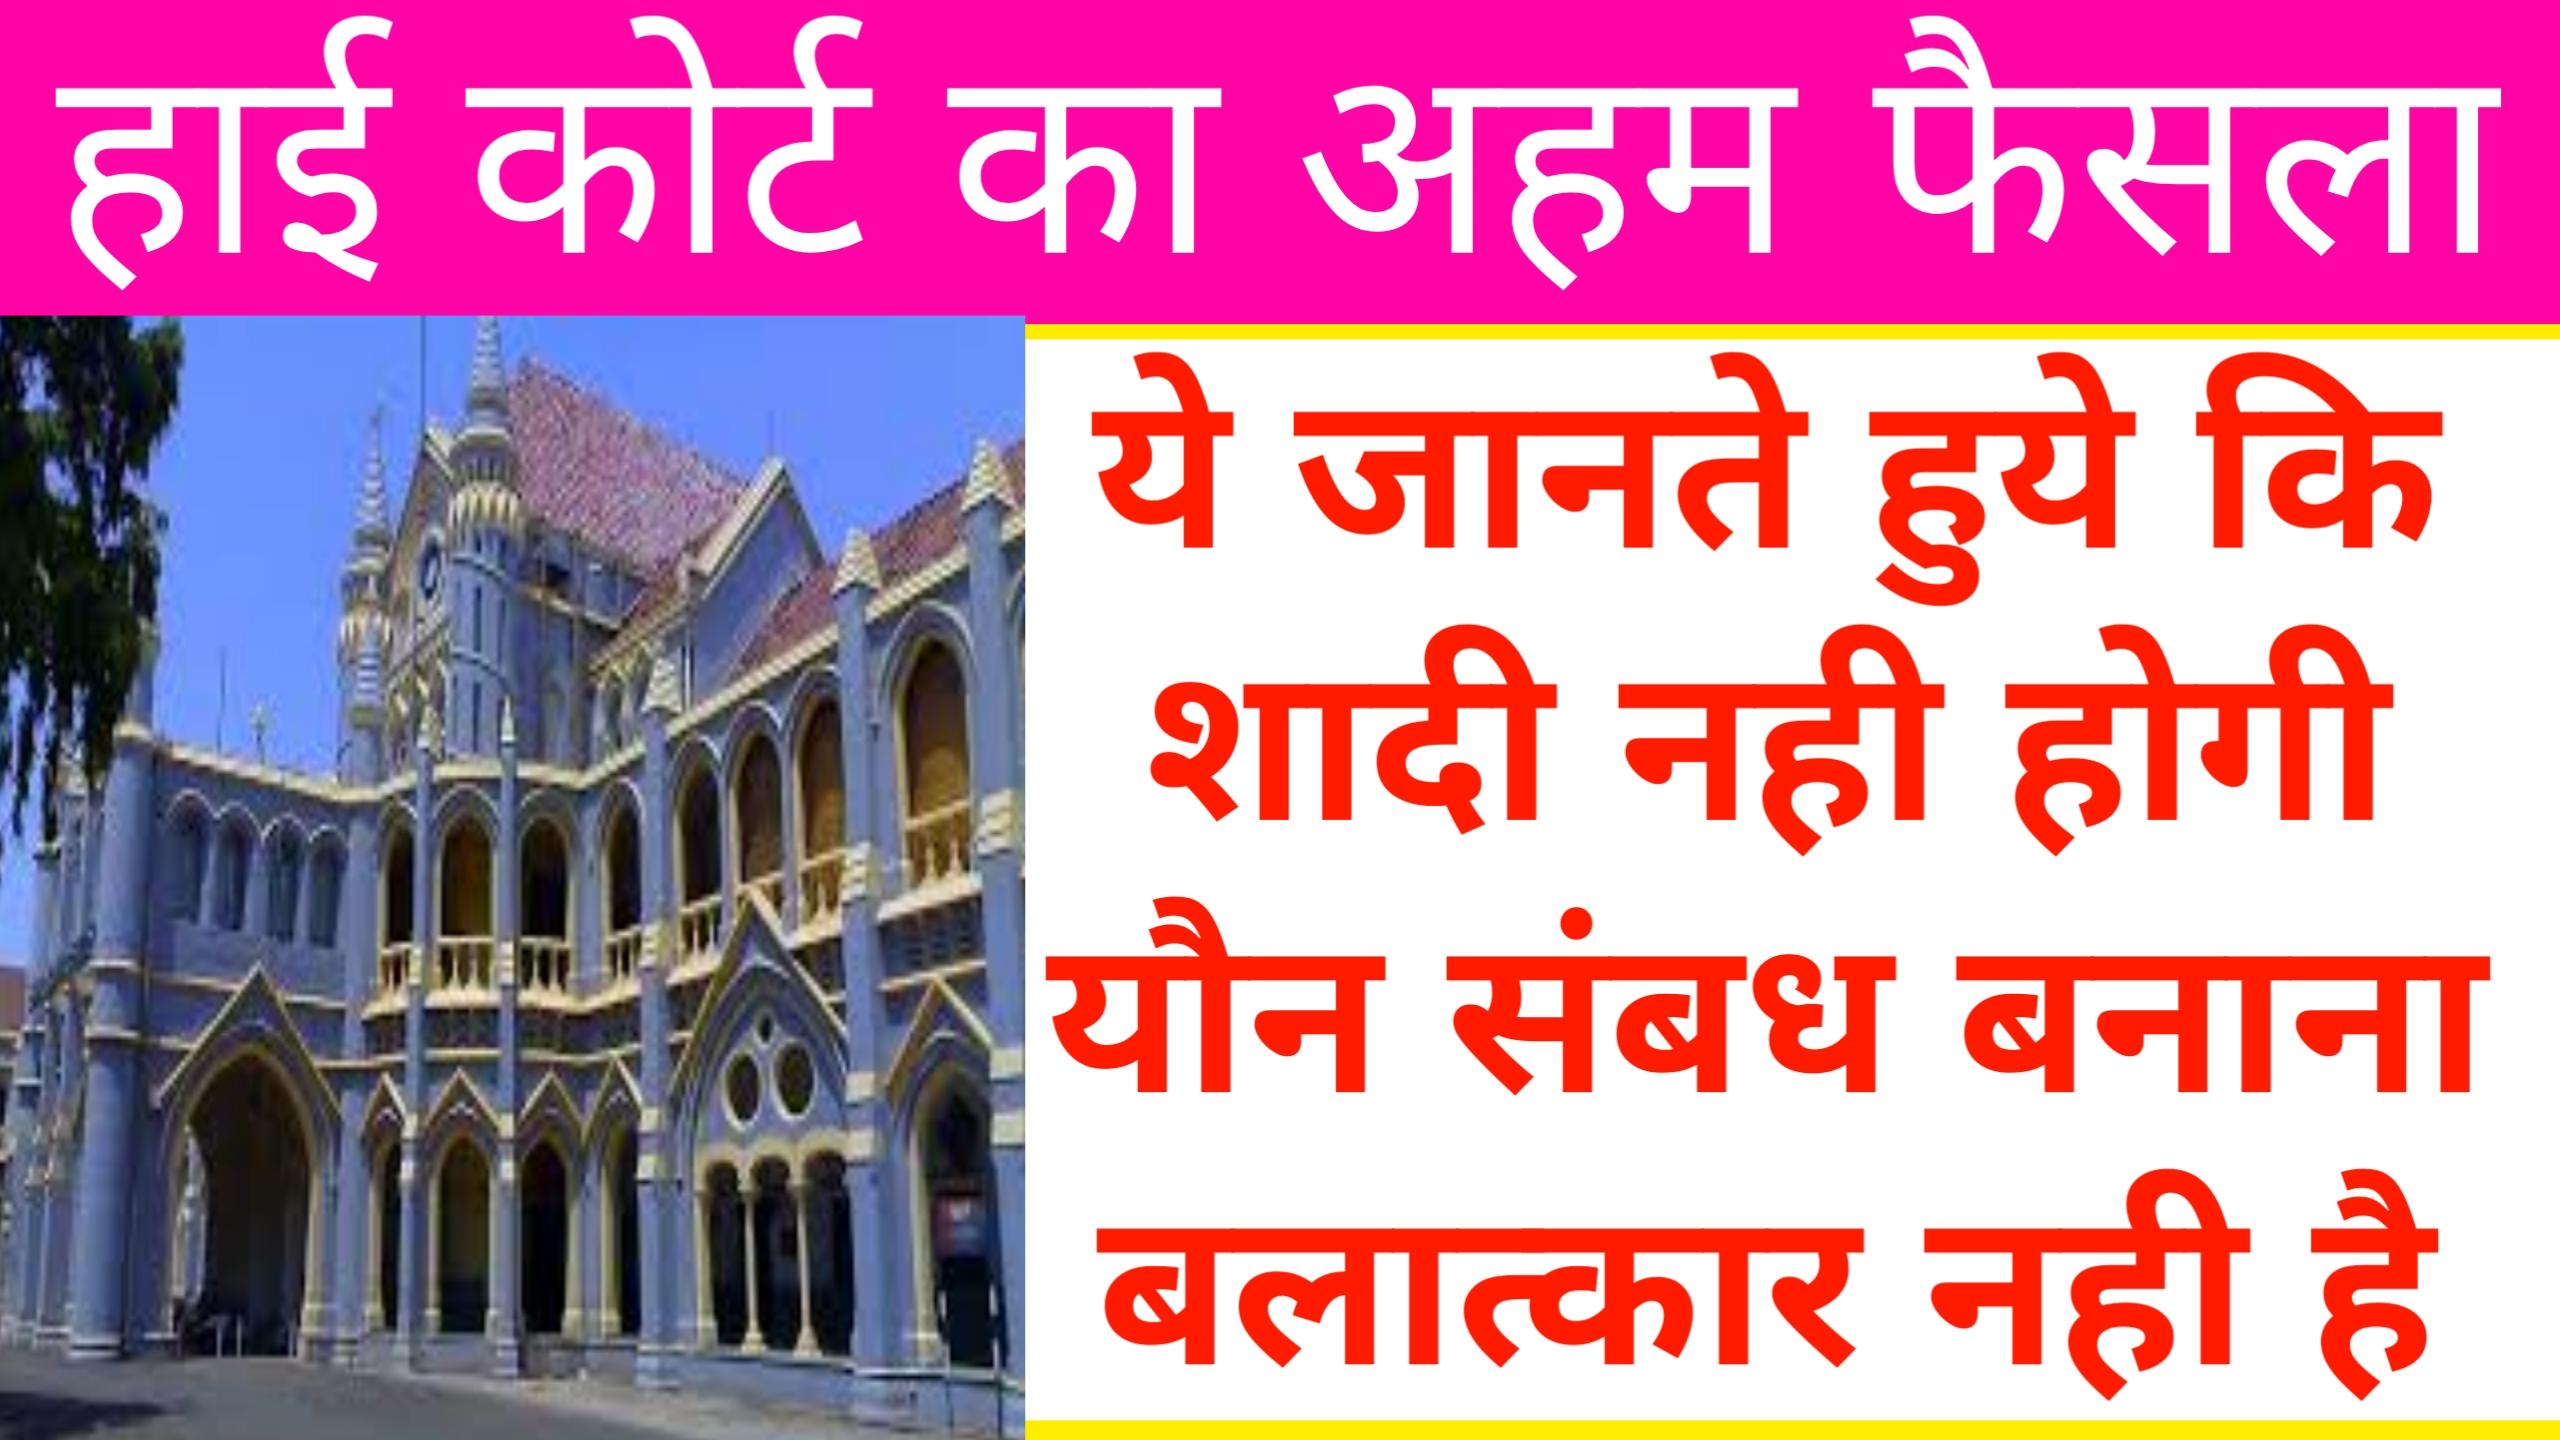 High Court Judgement on IPC 376 in Hindi - यह जानते हुए कि लड़का शादी नहीं करेगा शारीरिक संबंध बनाना बलात्कार नहीं है